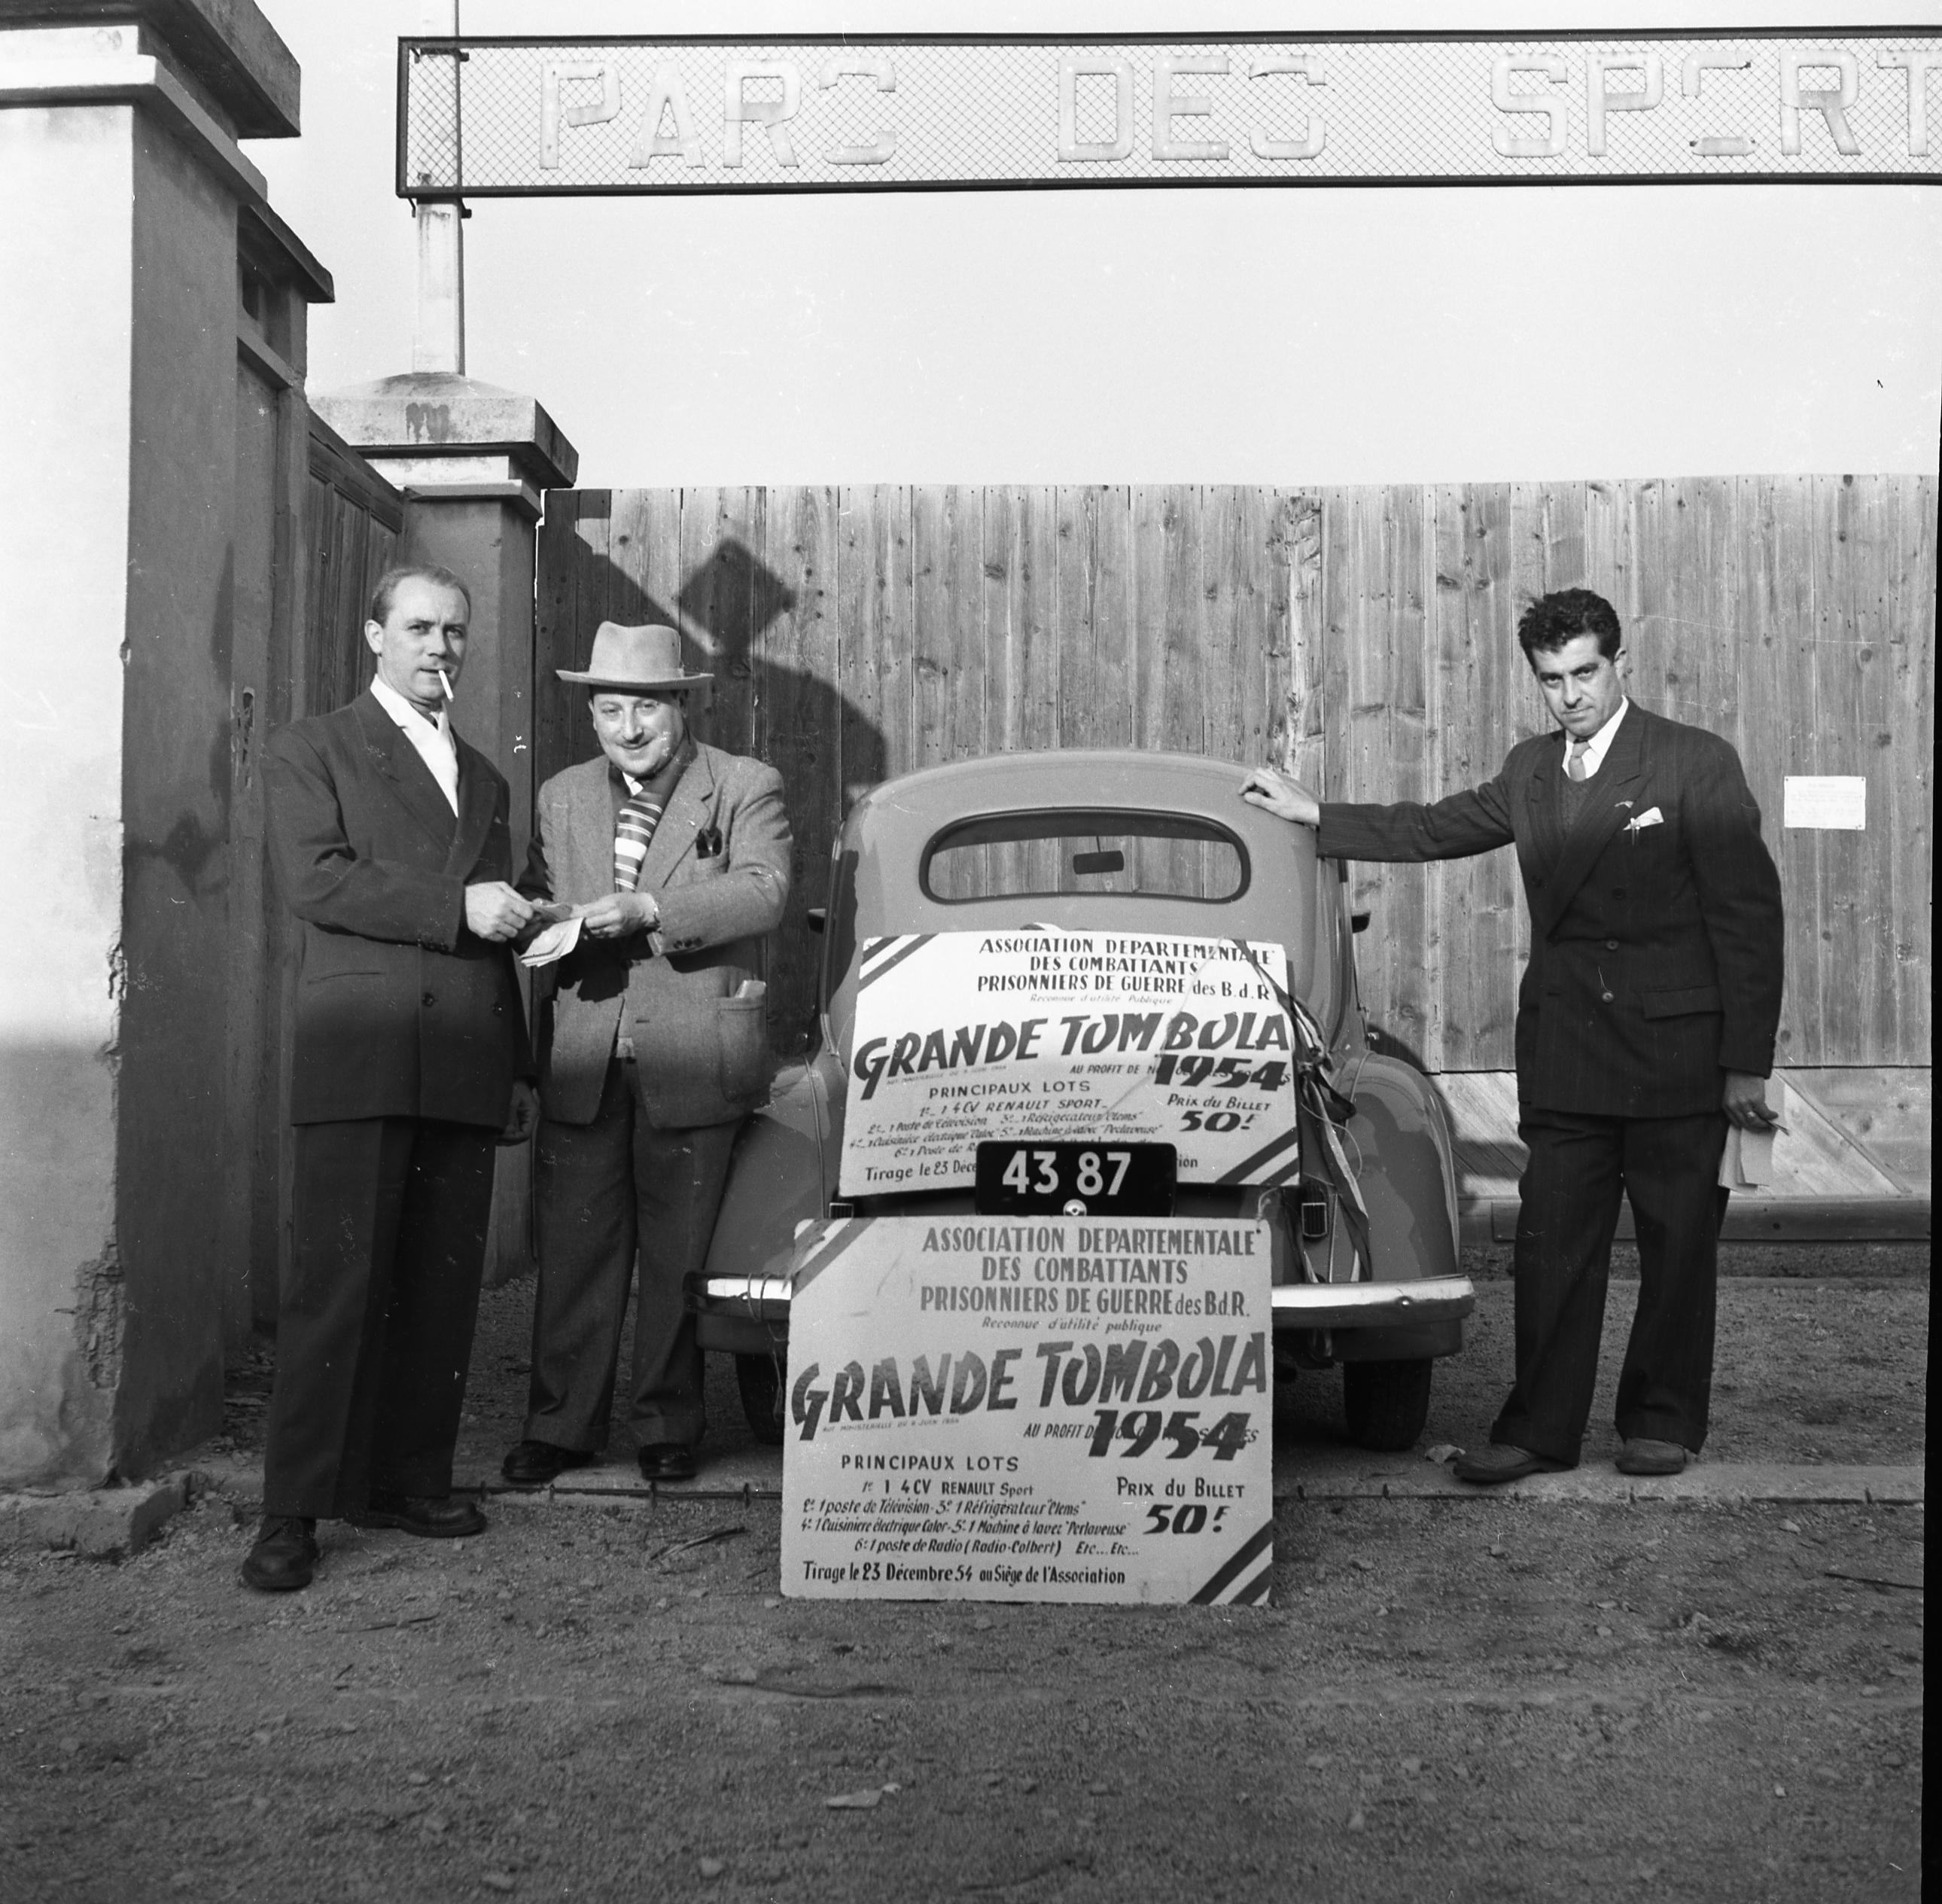 27 Fi 3912 Devant l'entrée du stade Bouissou, une 4 CV est à gagner pour la grande tombola des prisonniers de guerre. 19/12/1954